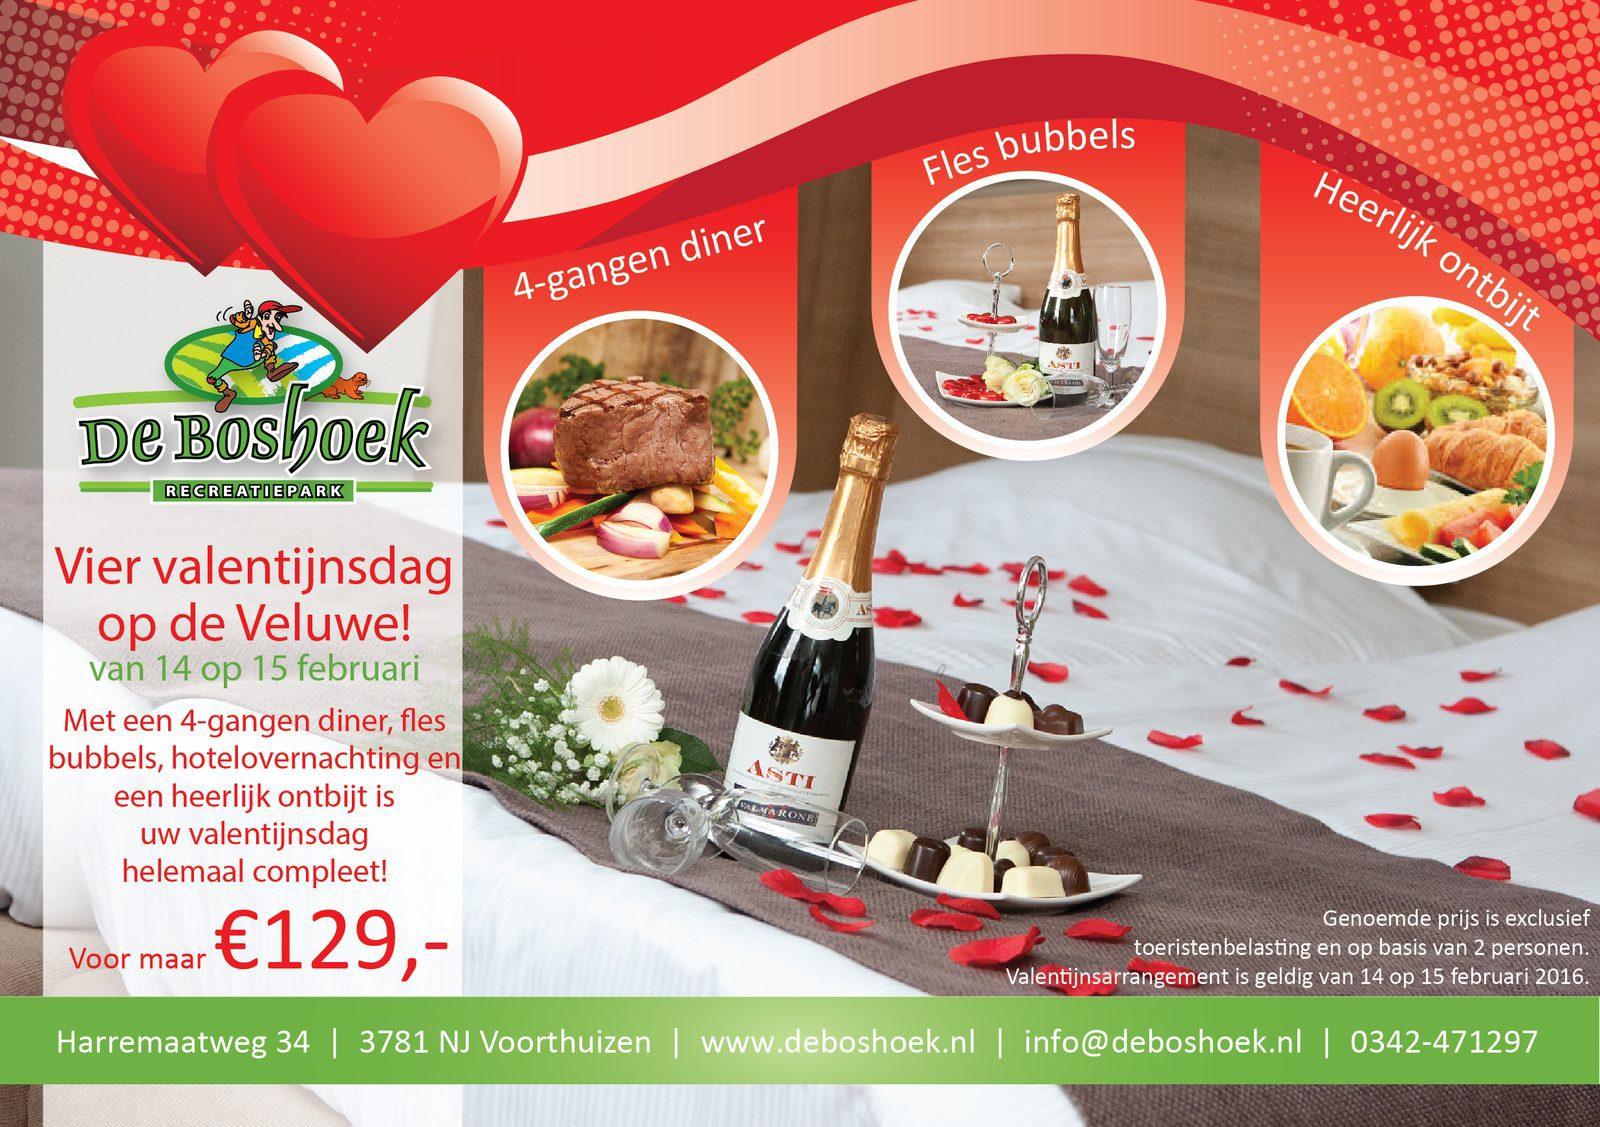 Valentijnsdag op Recreatiepark De Boshoek